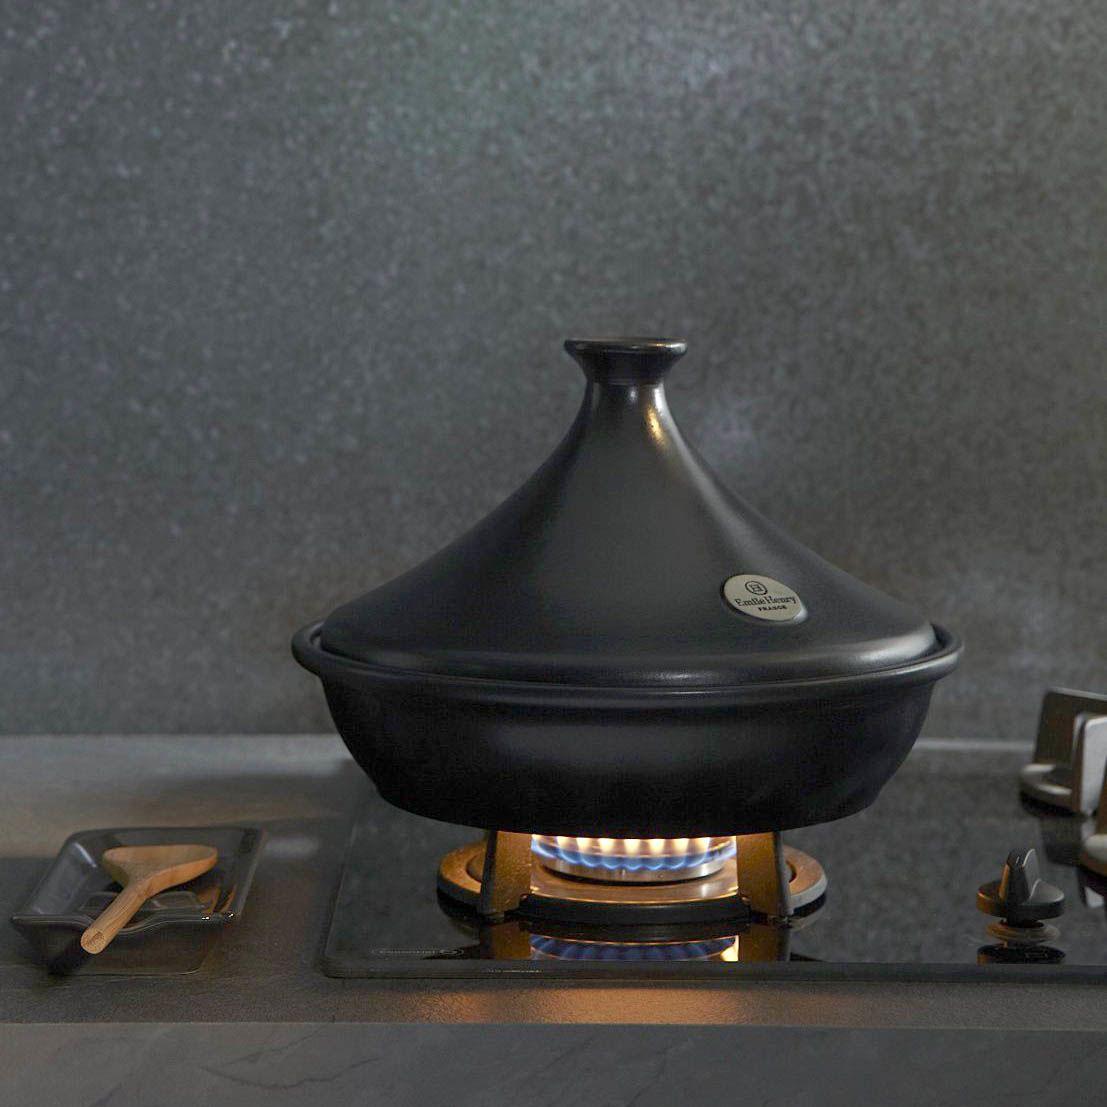 Тажин Emile Henry Flame Noir малый 1.5 л керамический с крышкой